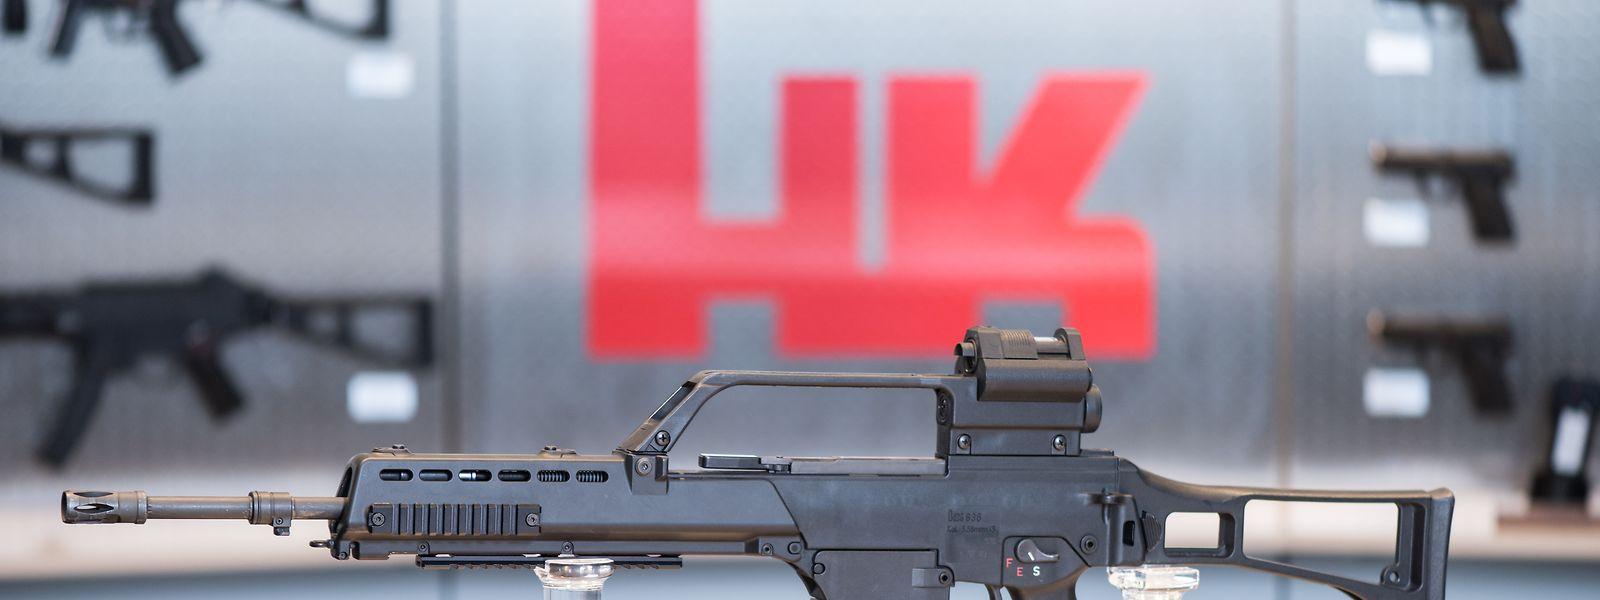 Das Sturmgewehr G36 des Waffenherstellers Heckler & Koch ist die Standard-Langwaffe der Bundeswehr.